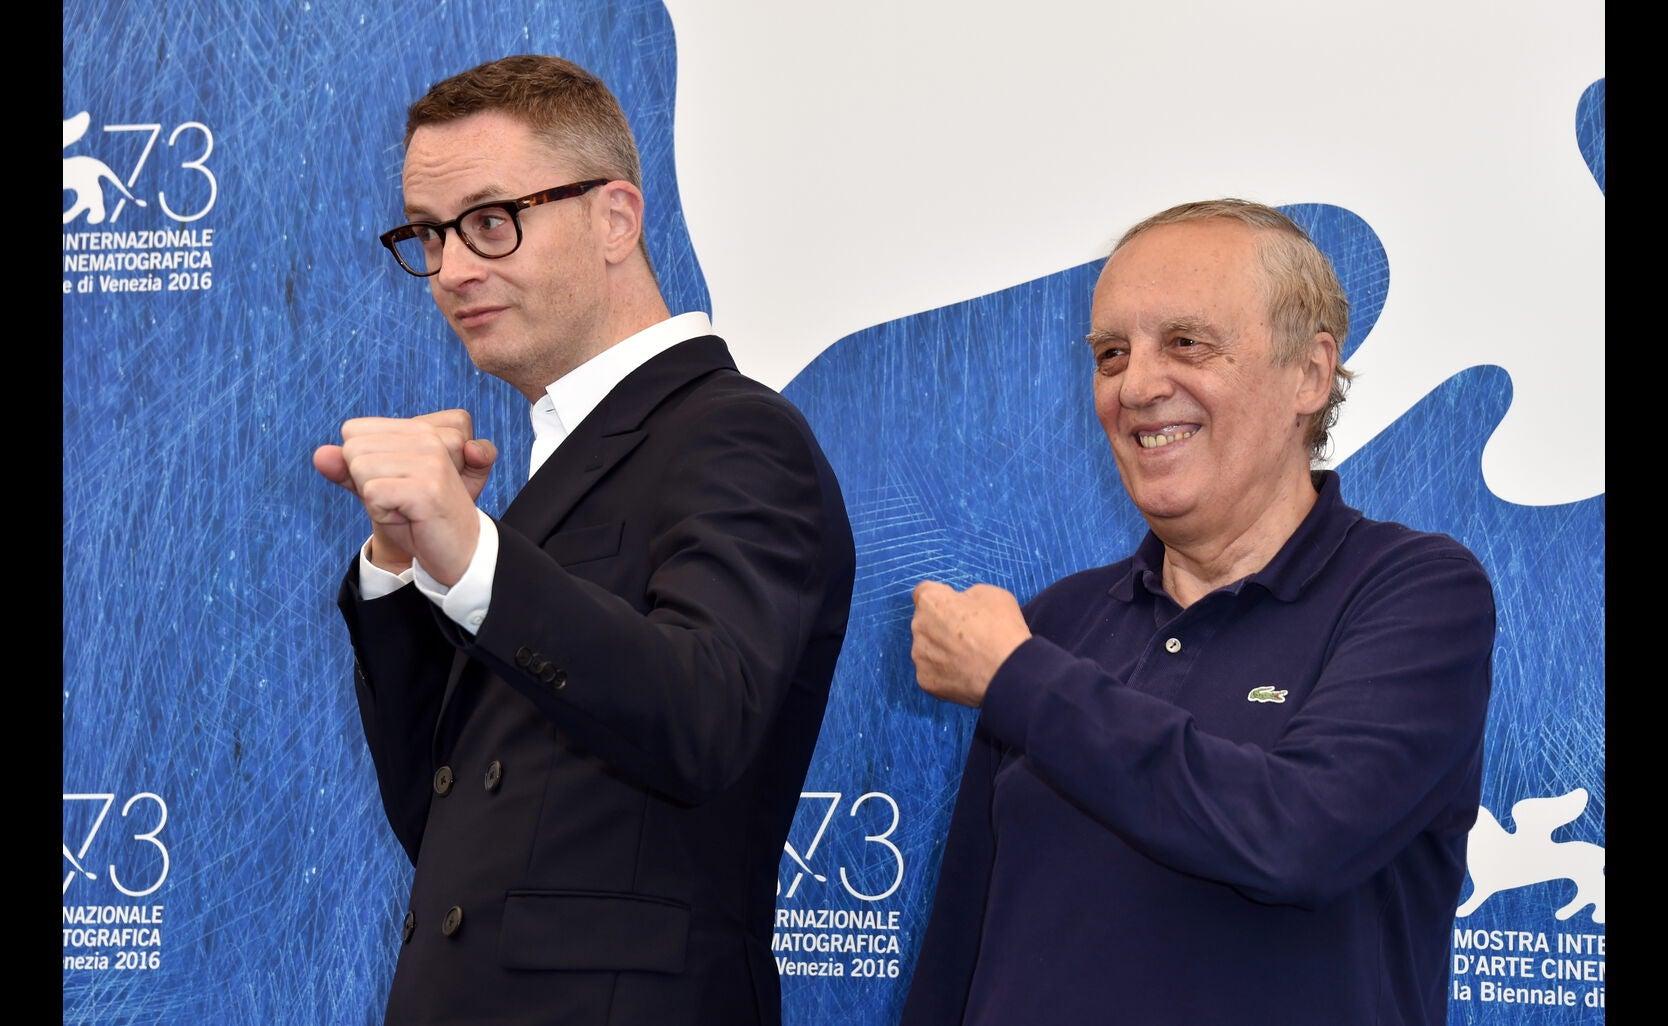 Directos Nicolas Winding Refn and Dario Argento